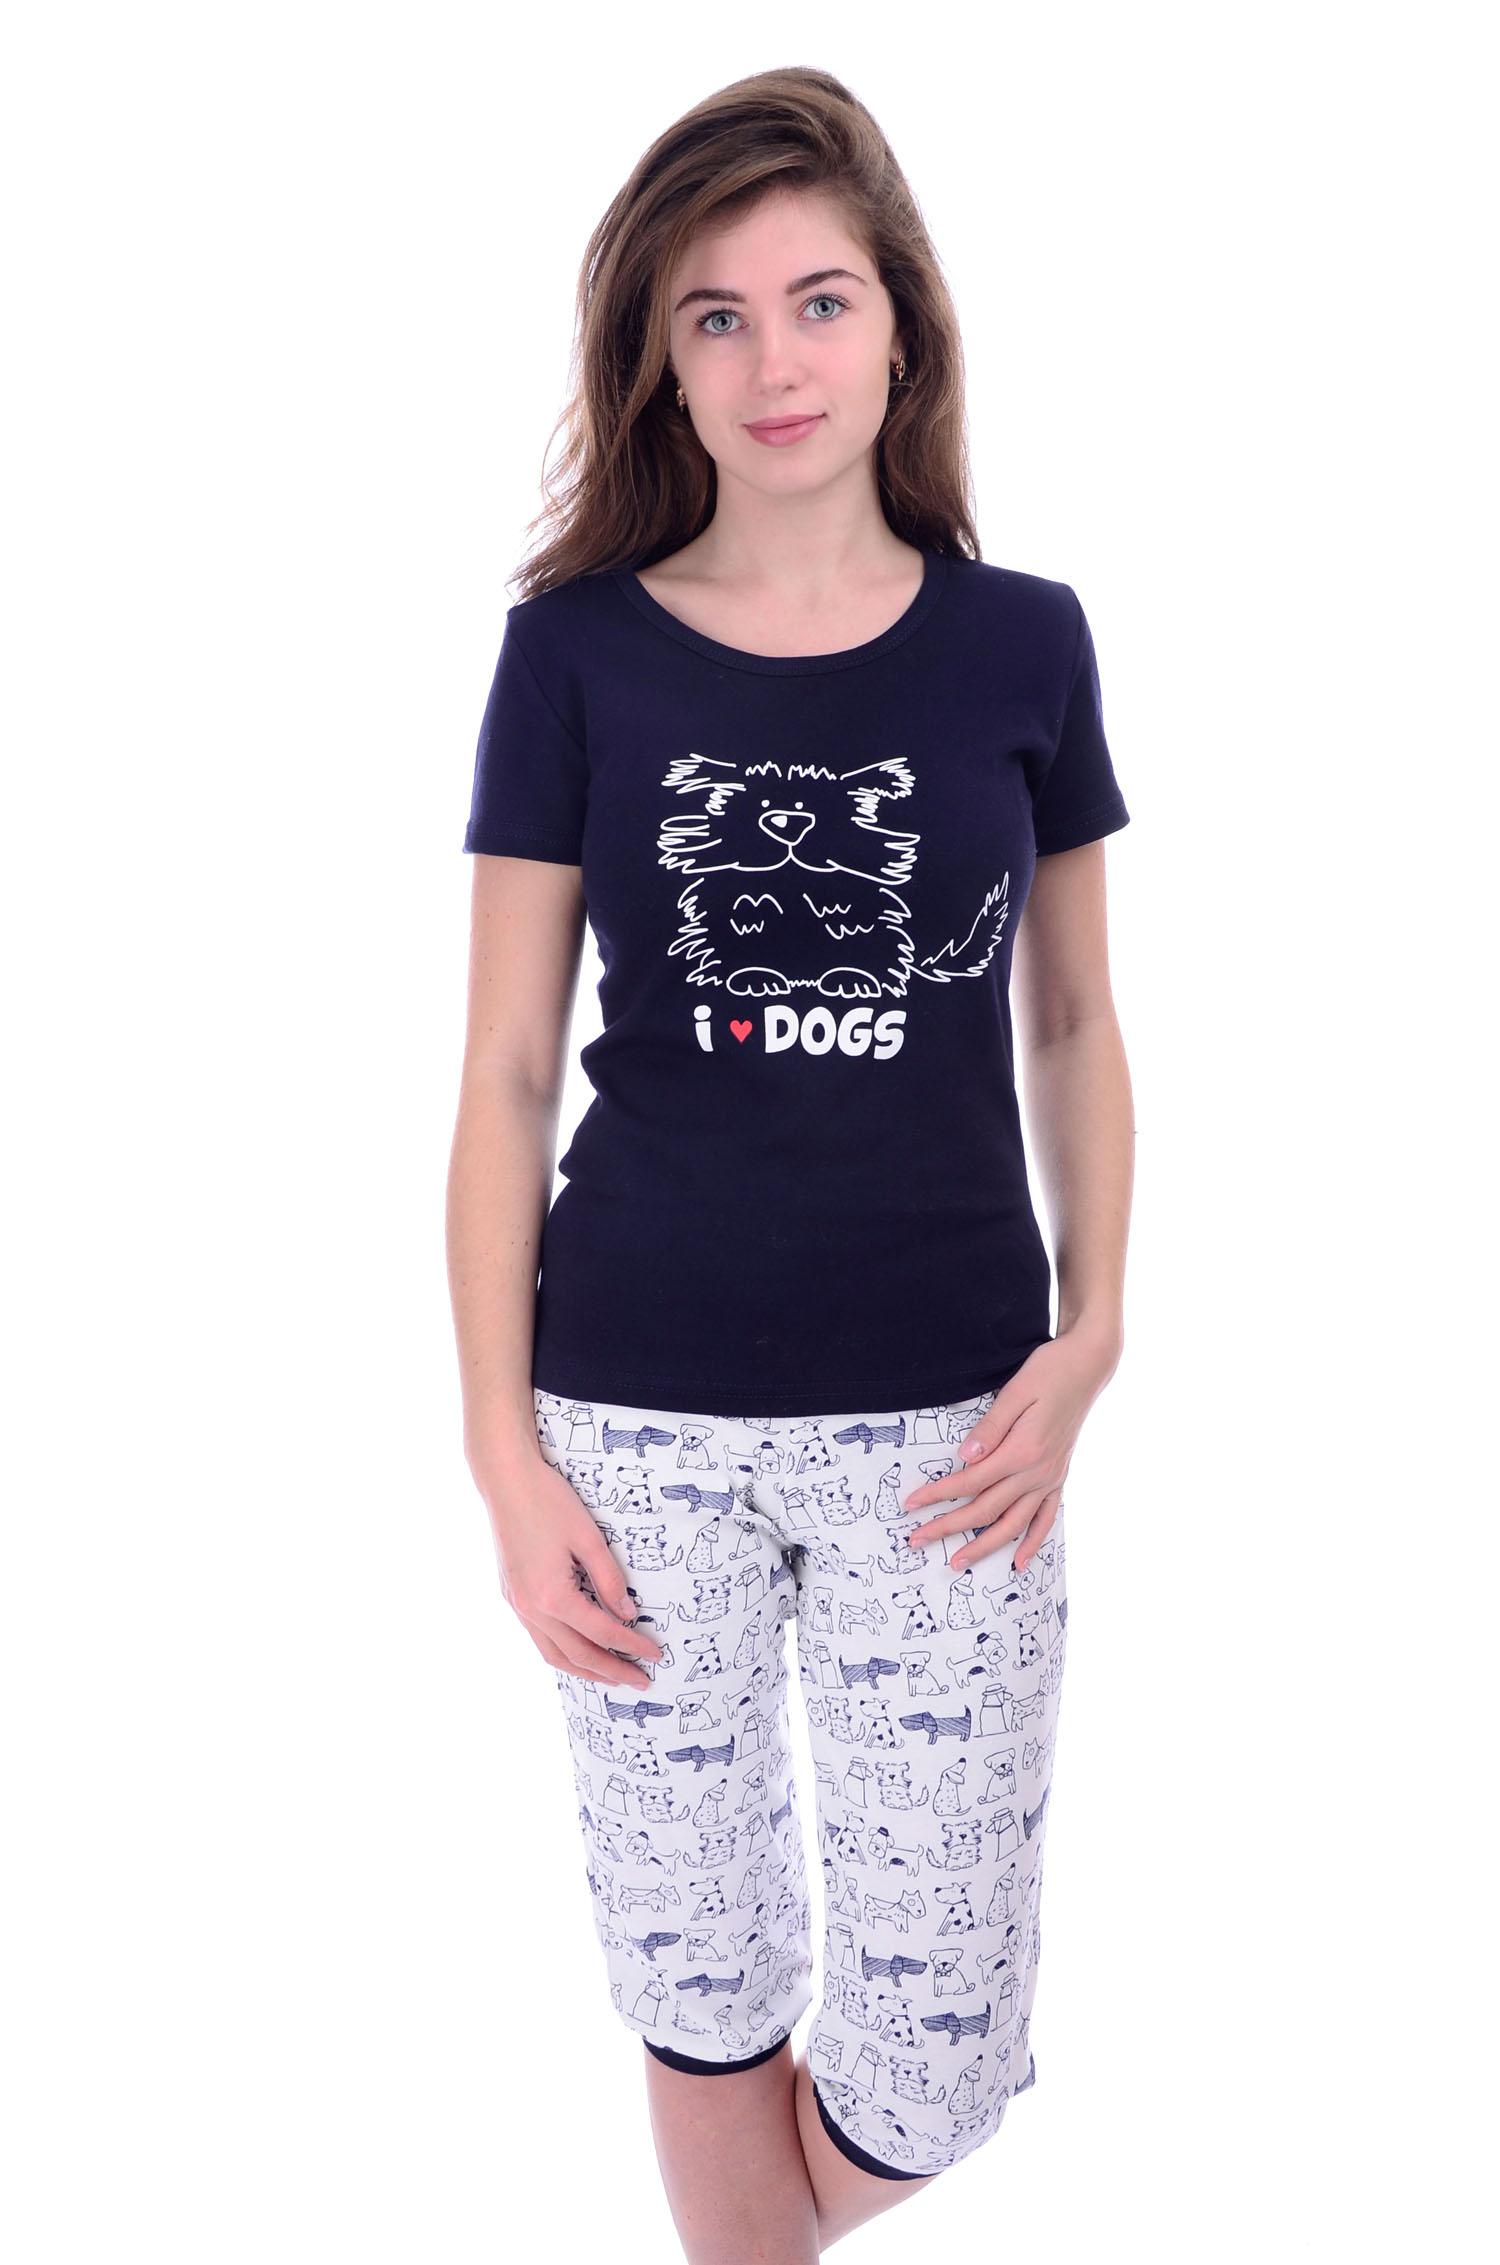 Пижама женская Ириска футболка и бриджиДомашняя одежда<br><br><br>Размер: 50